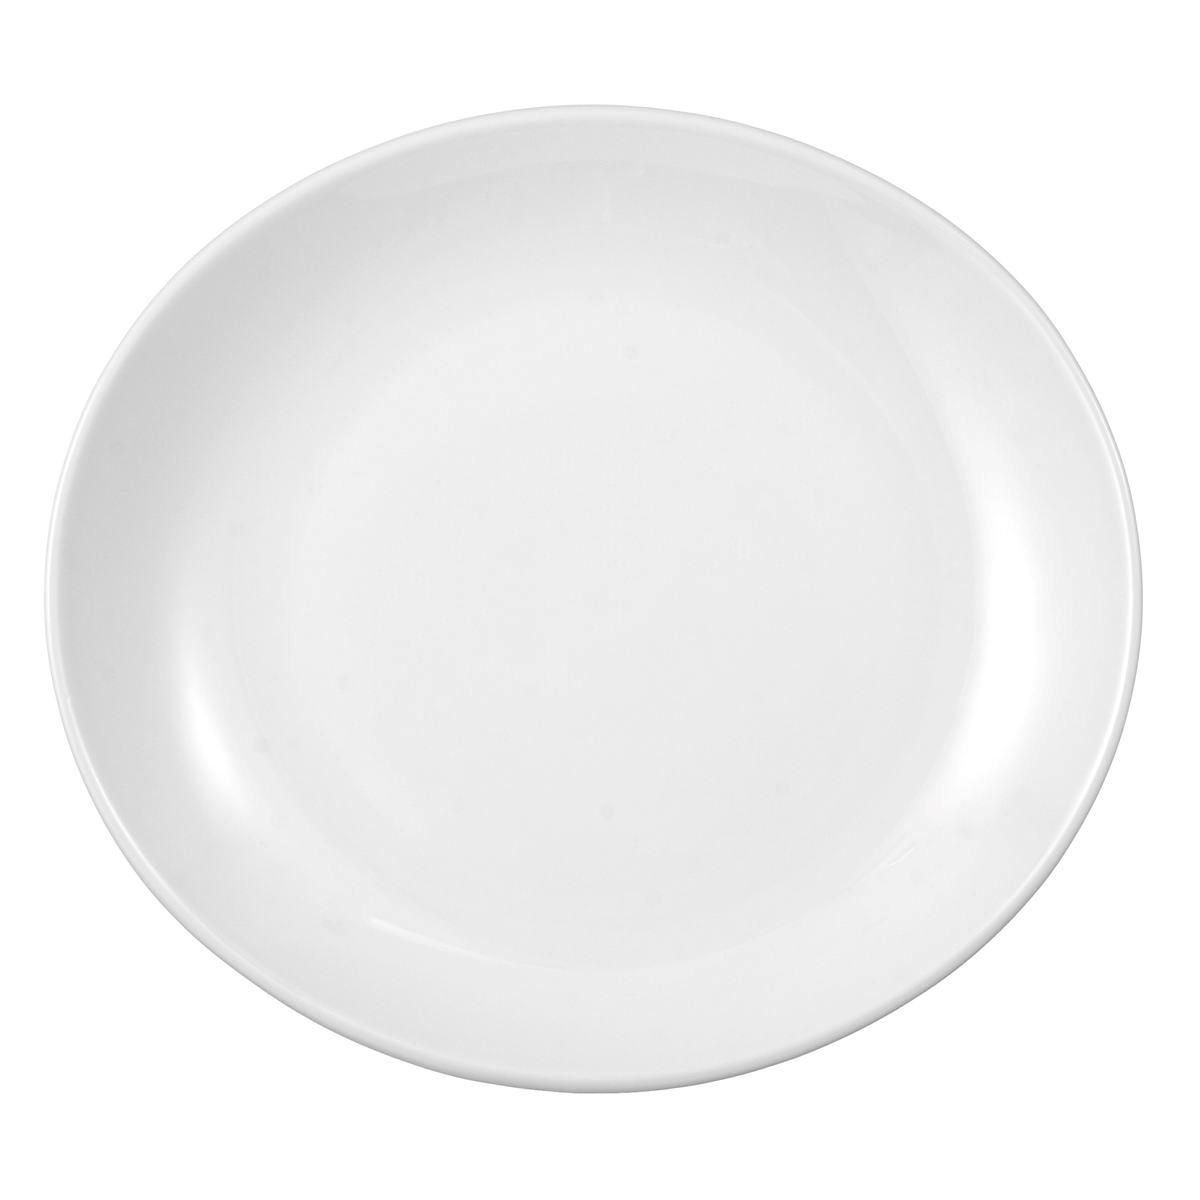 Teller oval 5193 - 27 cm - Serie Meran